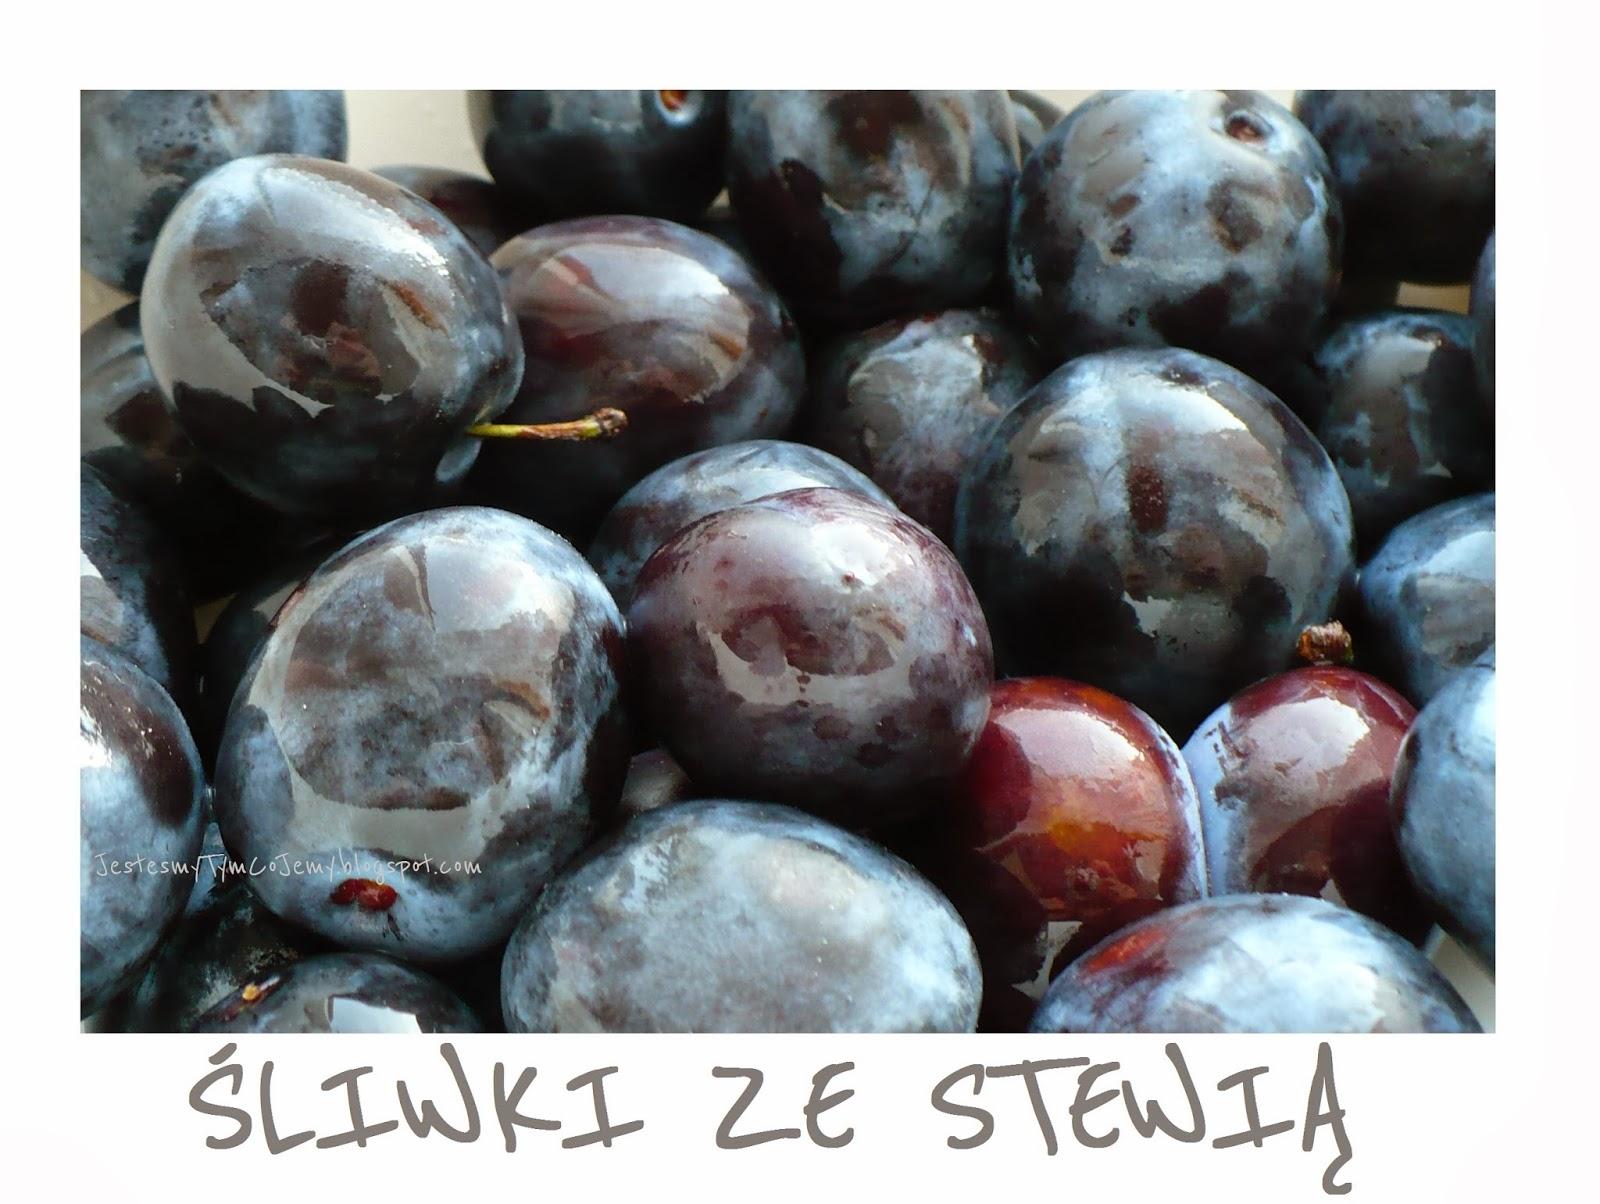 http://jestesmytymcojemy.blogspot.com/2013/08/powida-sliwkowe-sodzone-stewia.html